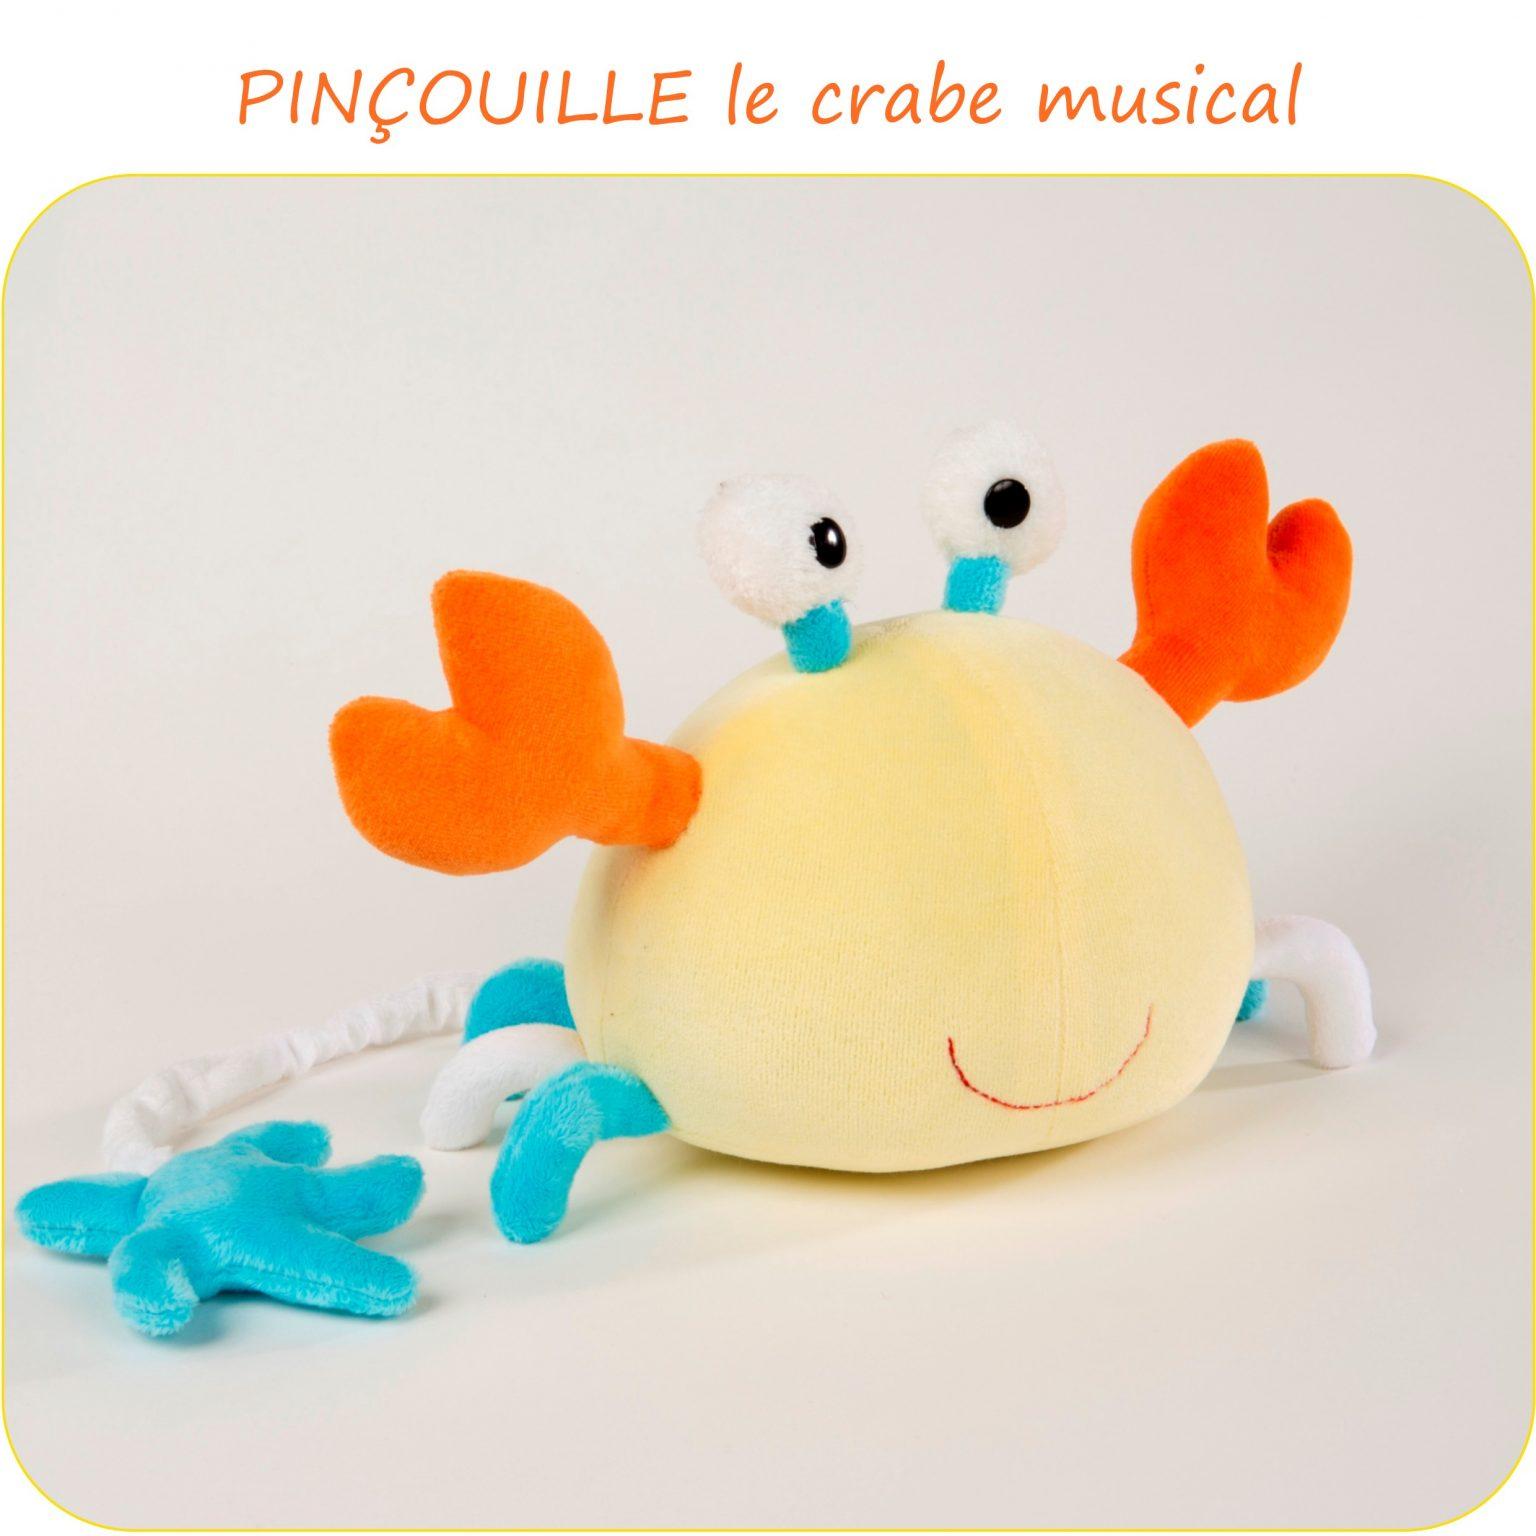 PINCOUILLE-PresentationSite_PetitsDom